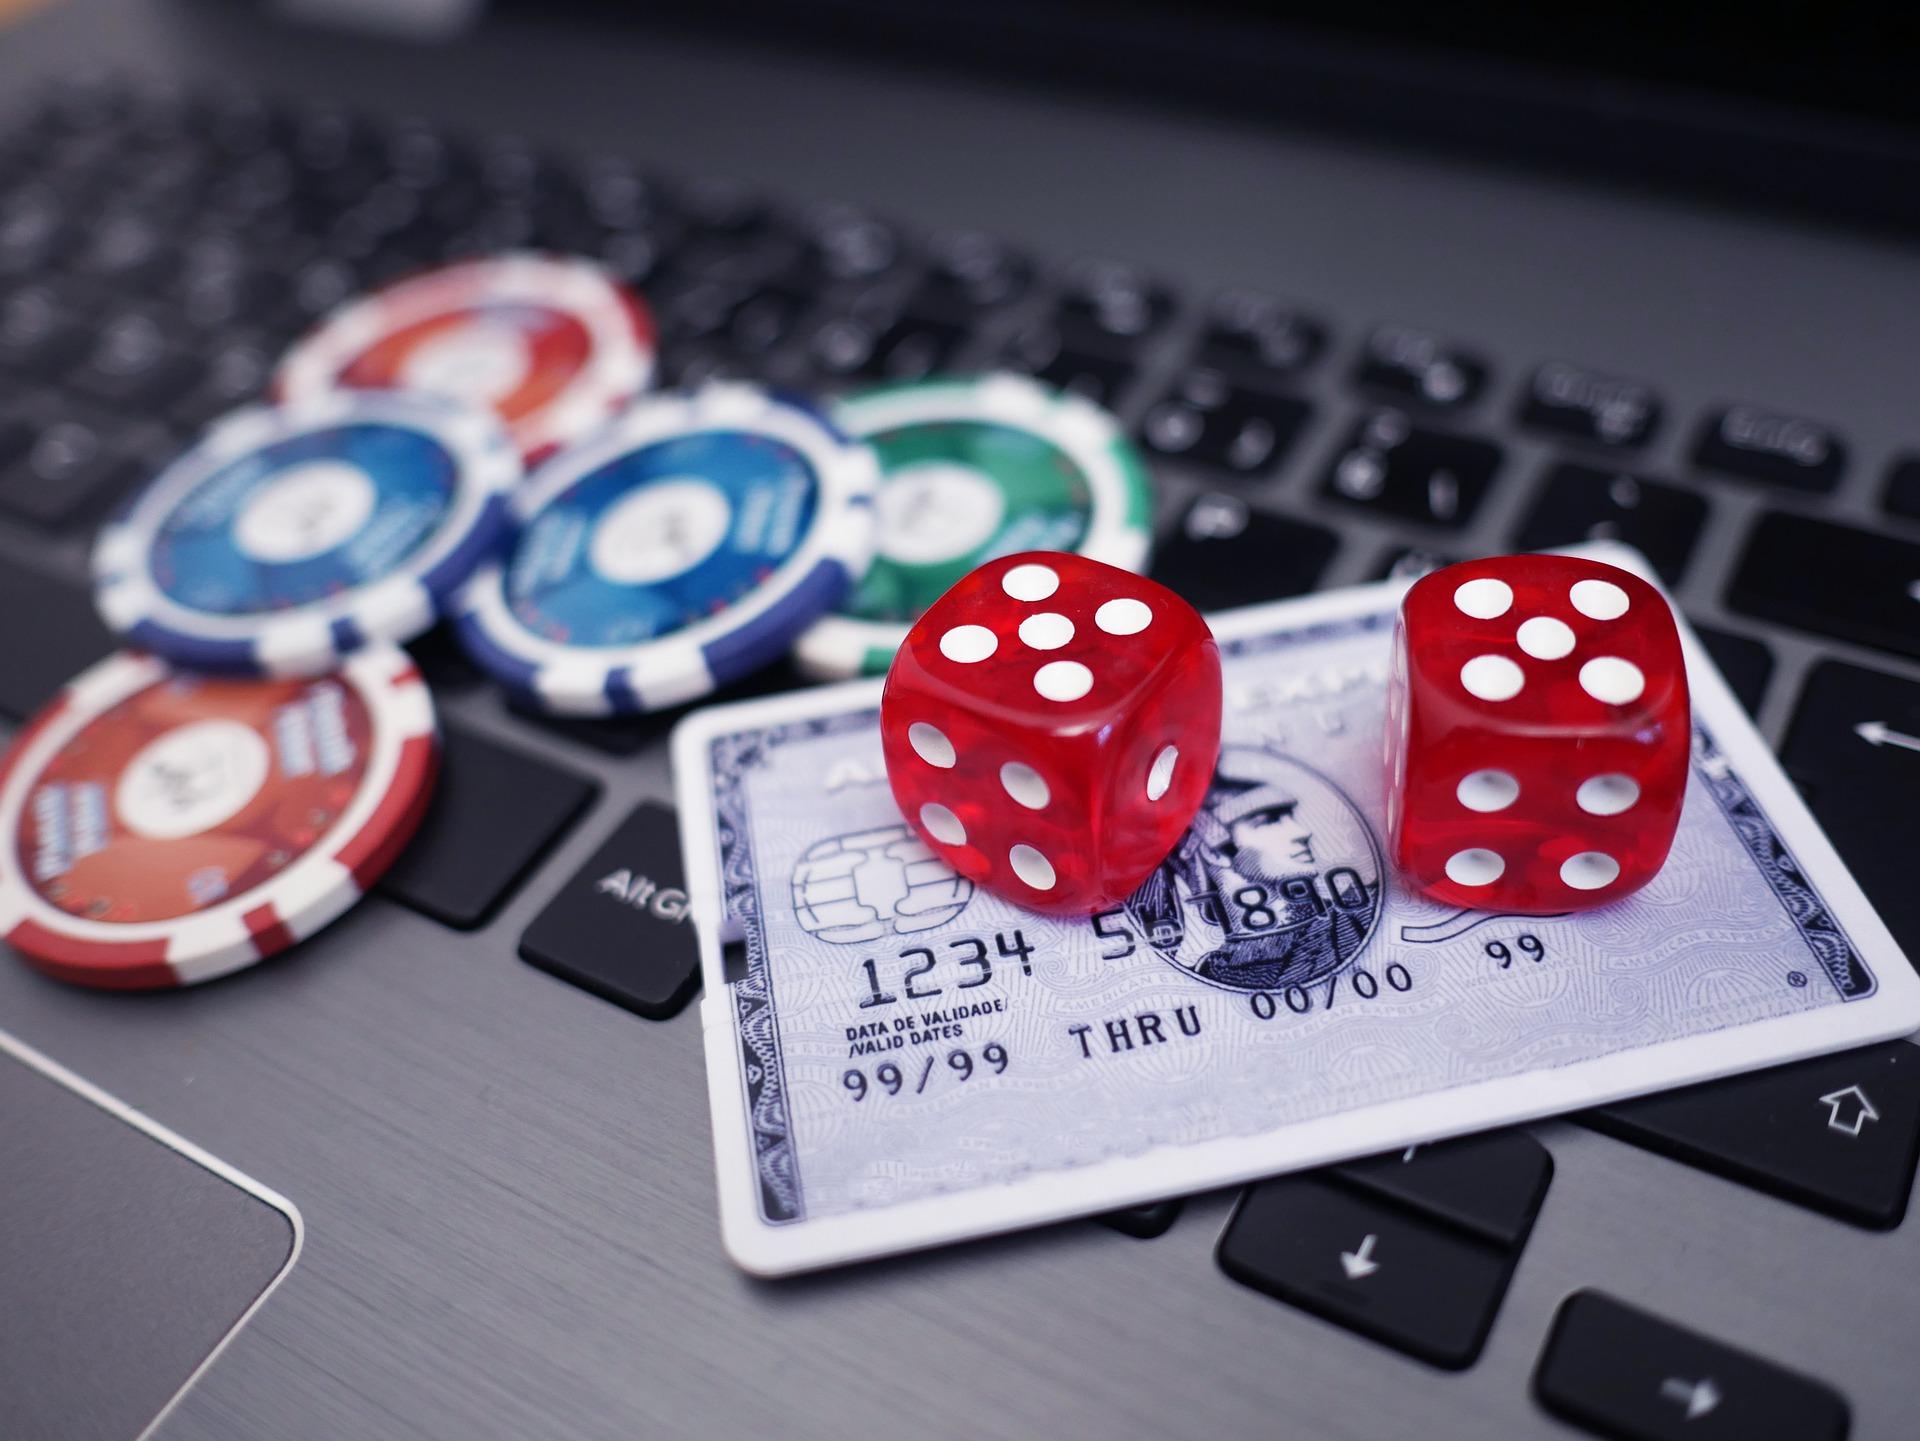 Αυτές είναι οι αλλαγές για τα διαδικτυακά καζίνο | Ειδησεις | Pagenews.gr